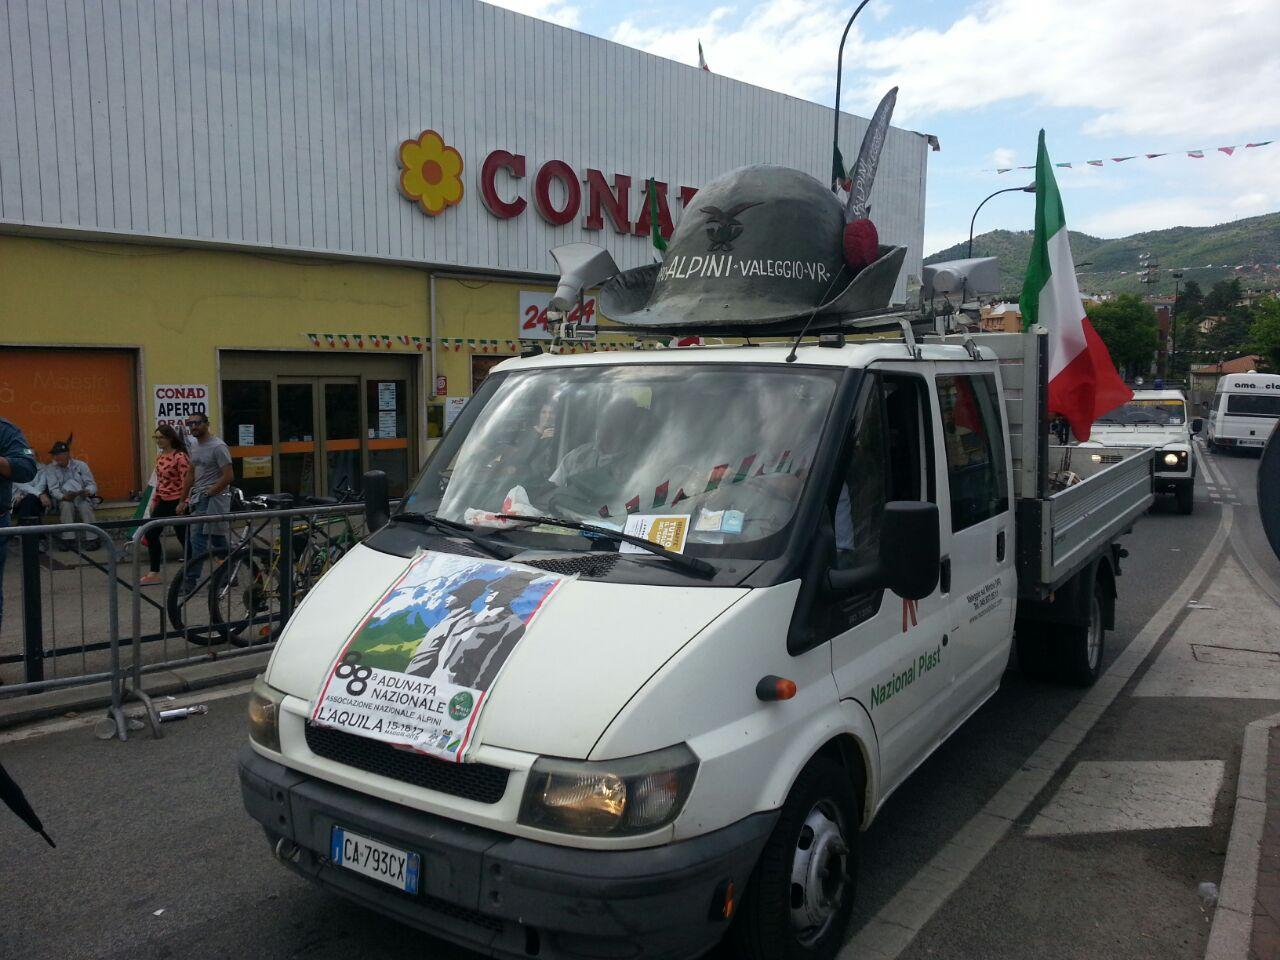 Adunata Alpini L'Aquila, furgone